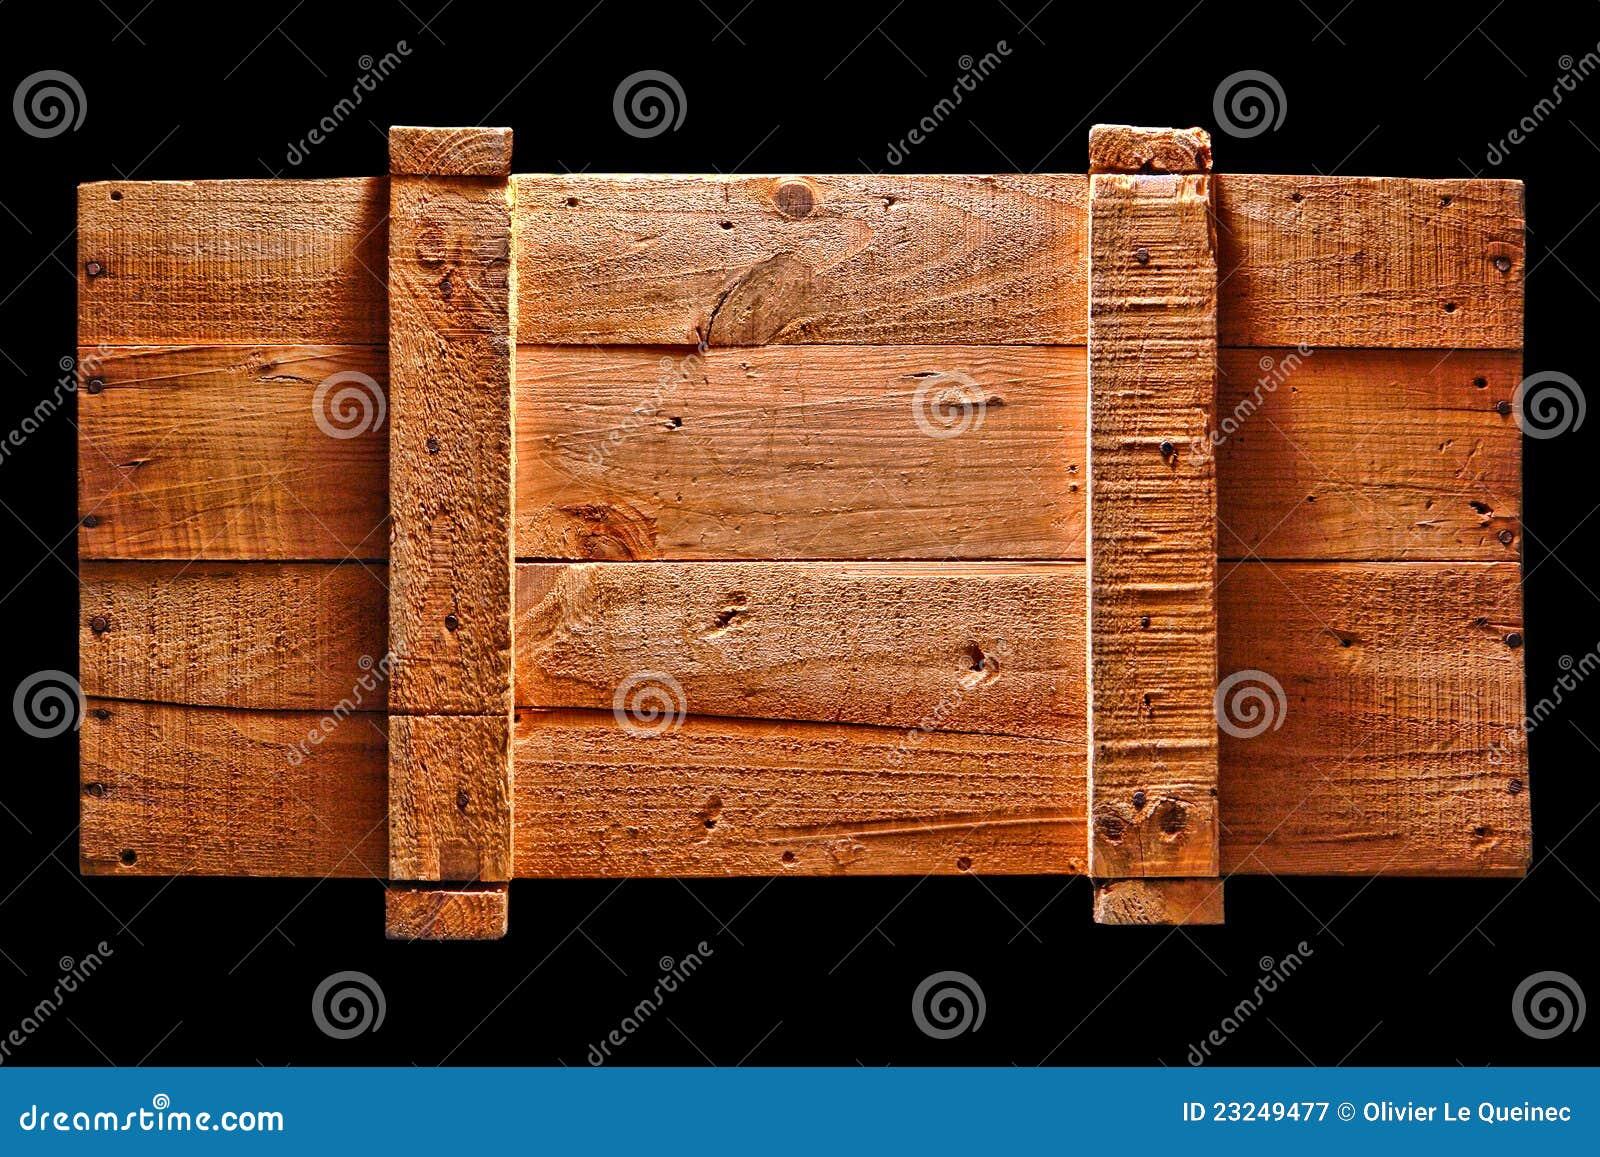 velha caixa de madeira afligida do transporte dos bens do transporte  #B04E1B 1300x957